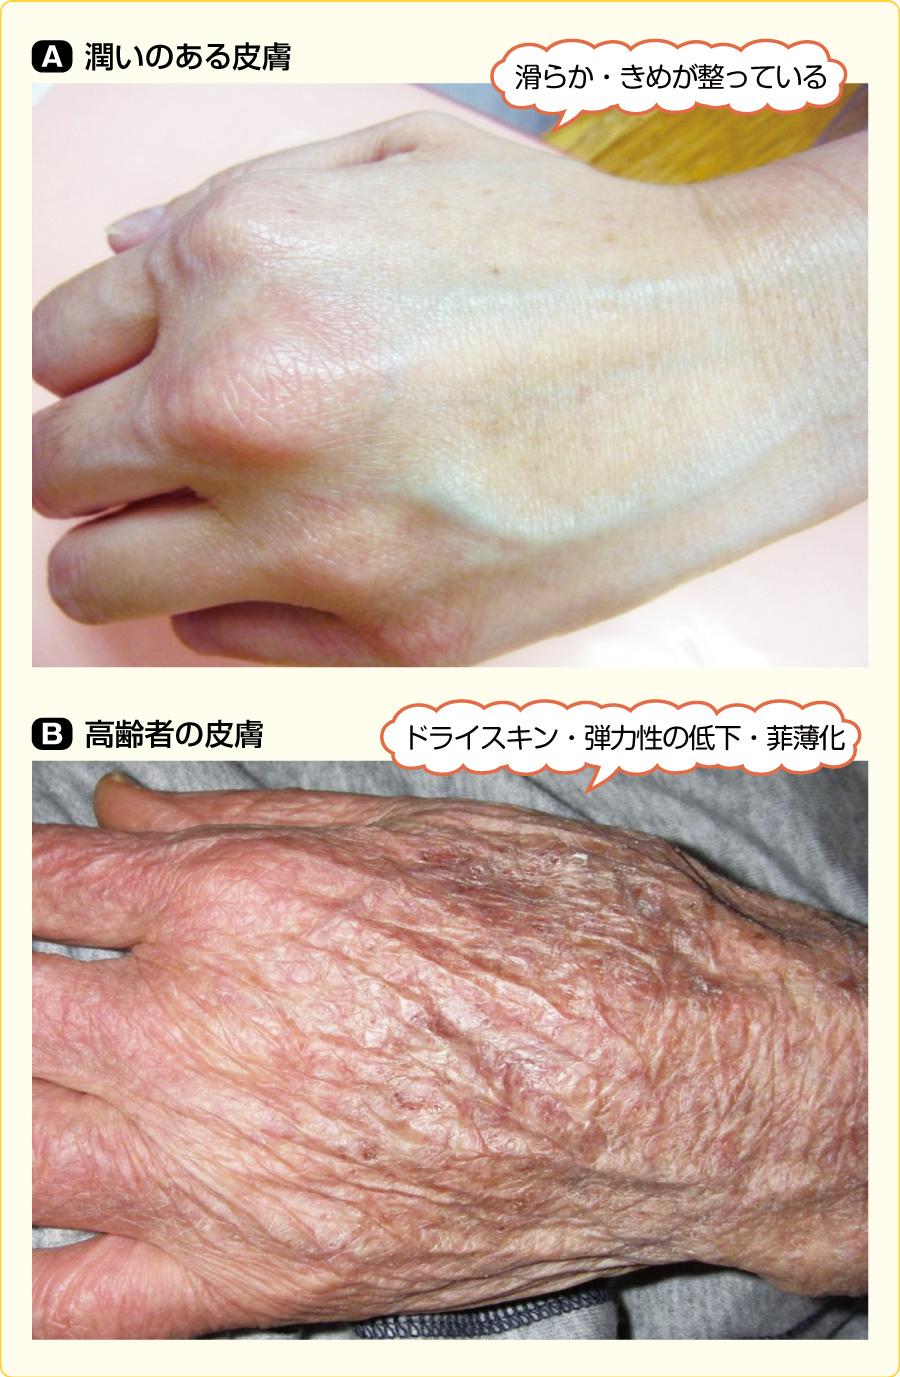 潤いのある皮膚と高齢者の皮膚の比較